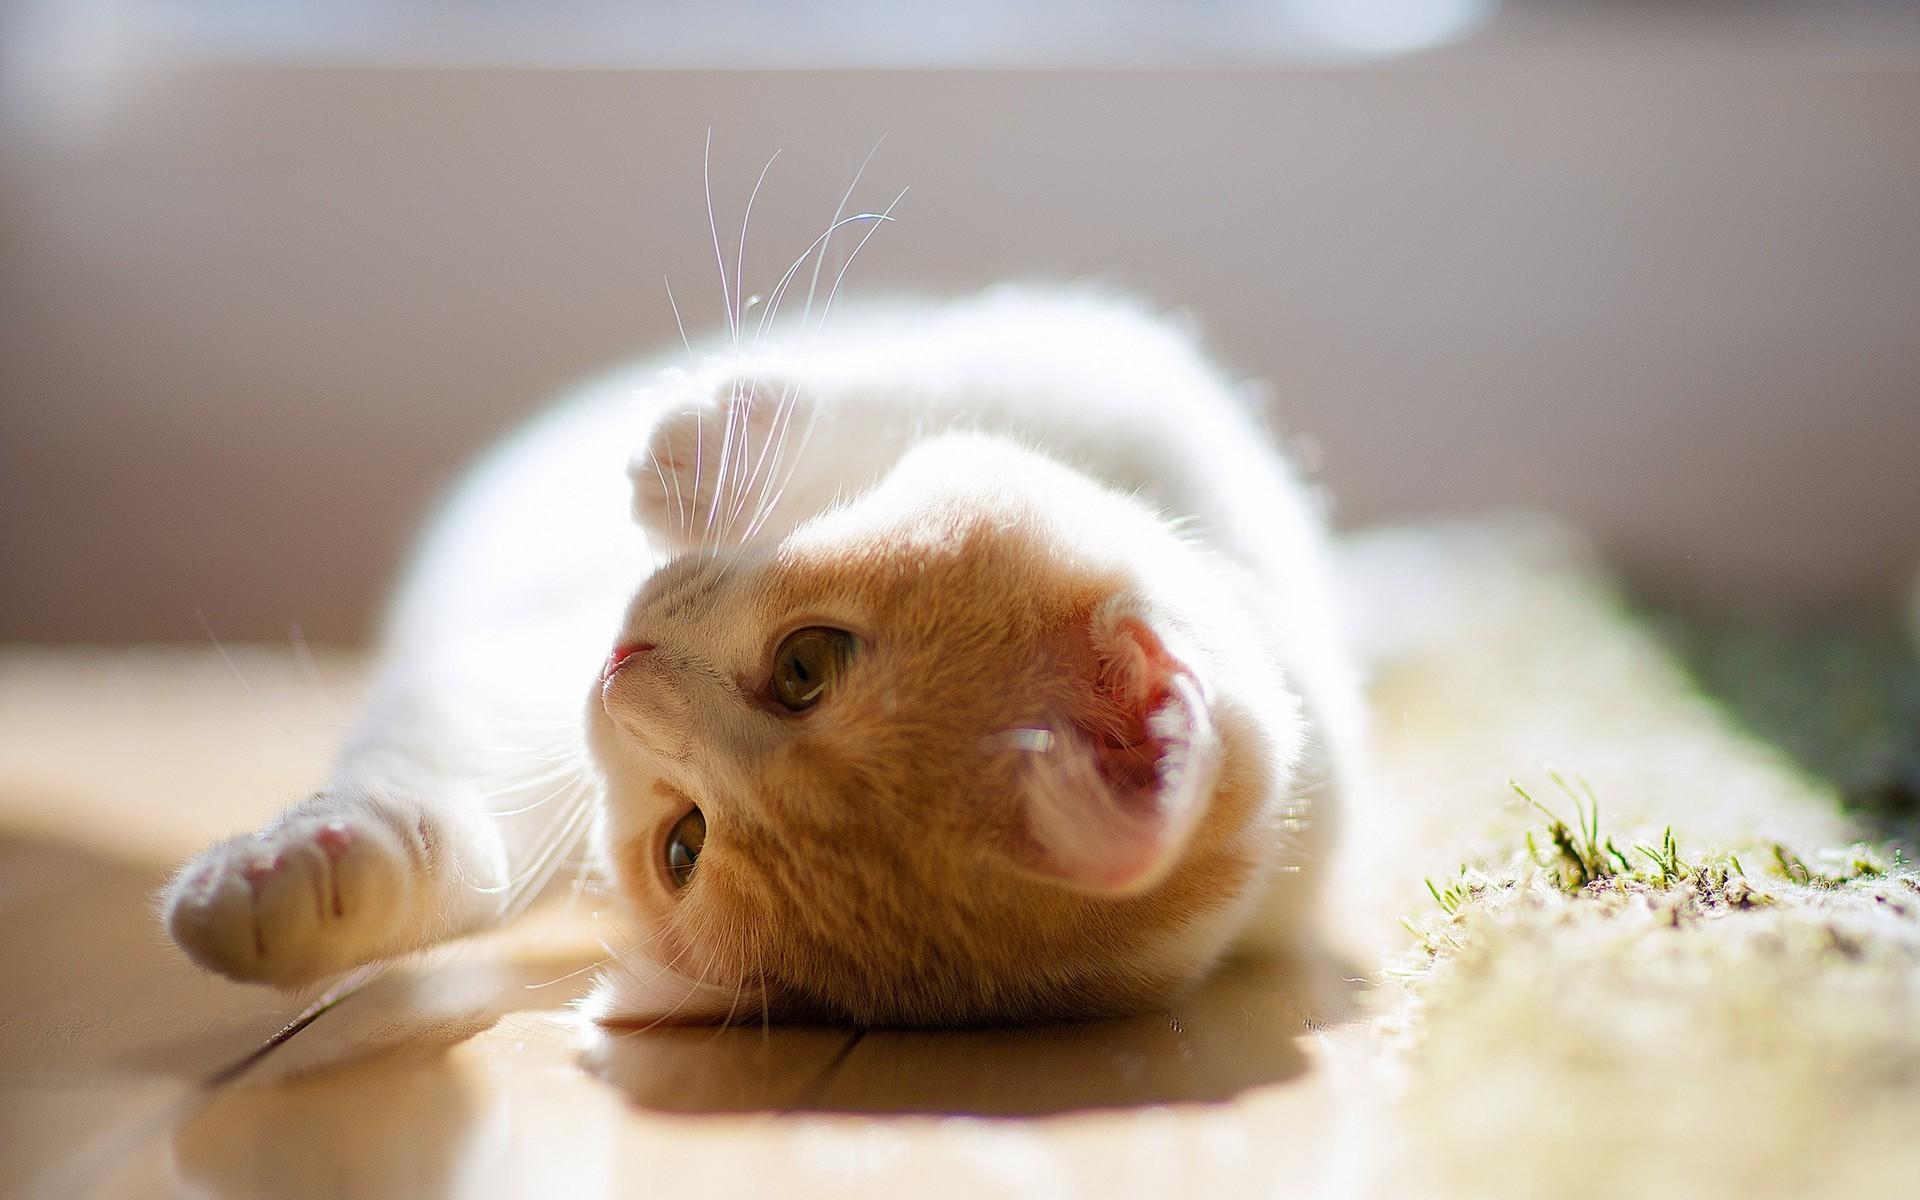 Pruebas de que los gatos funcionan con energía solar [VIDEO]